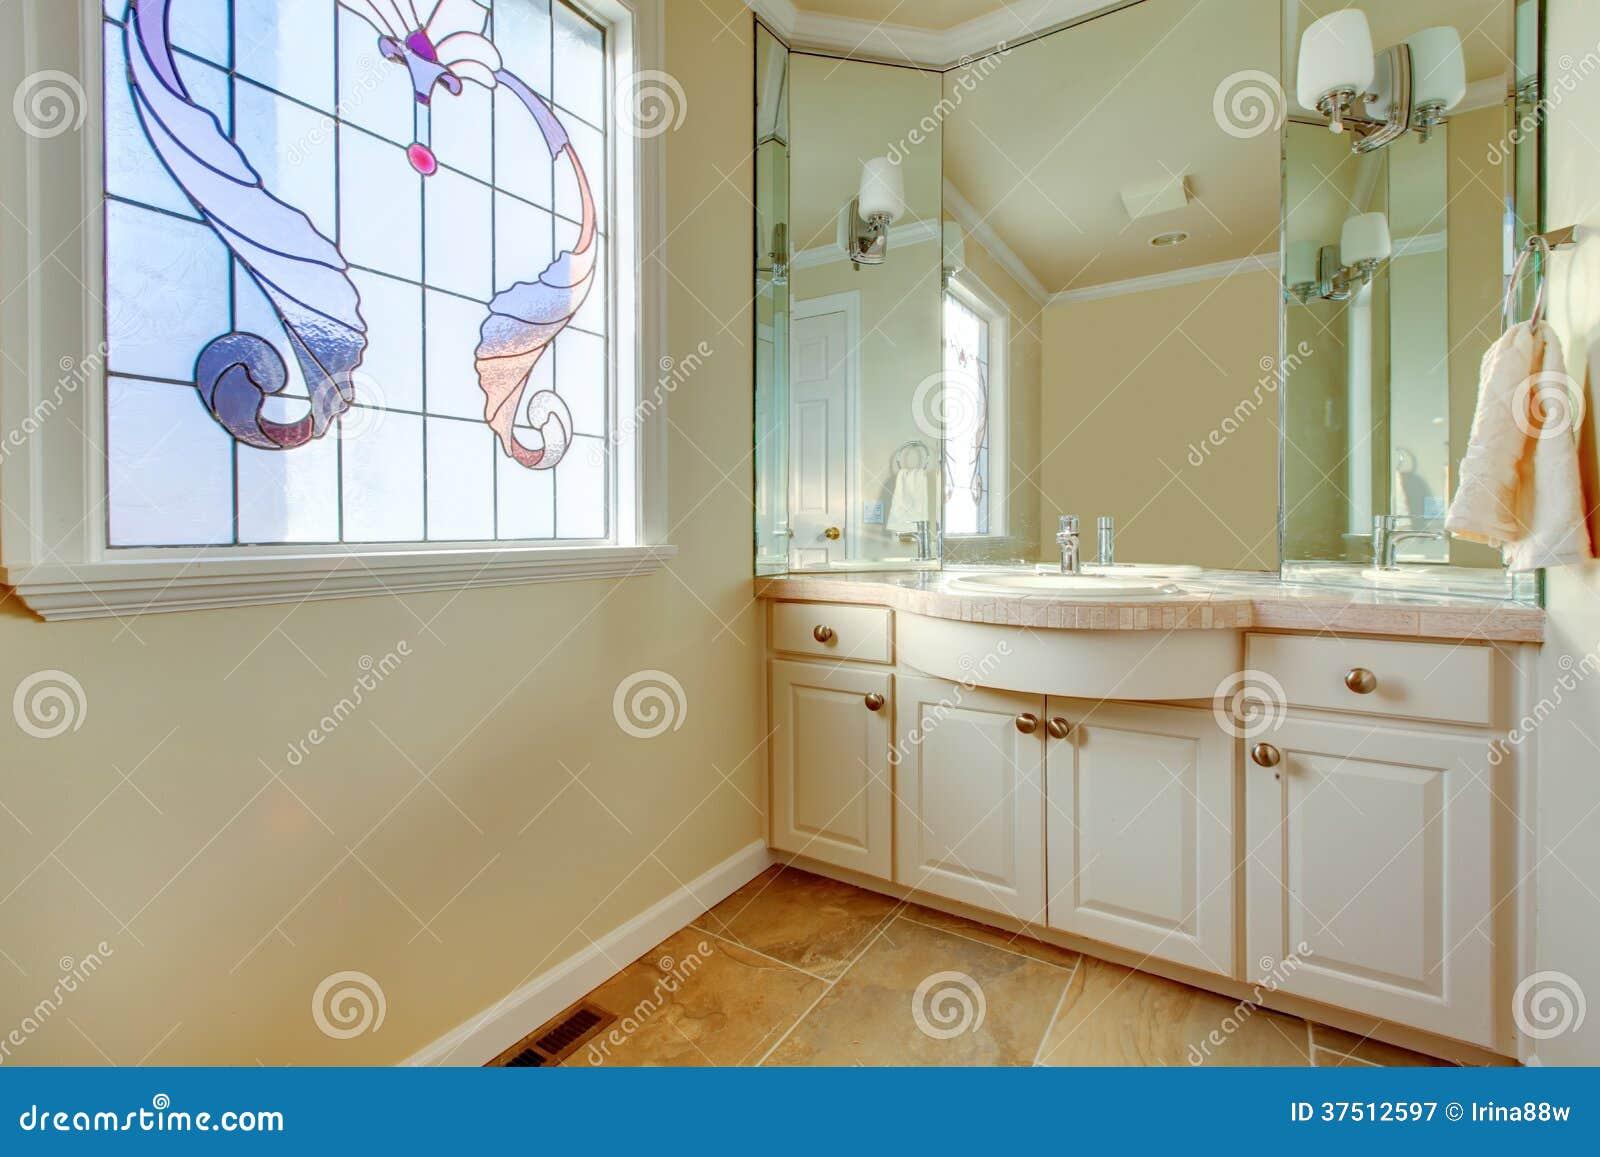 Klein Badkamer Idees : Warme kleine badkamers met groot idee voor vensterbehandeling